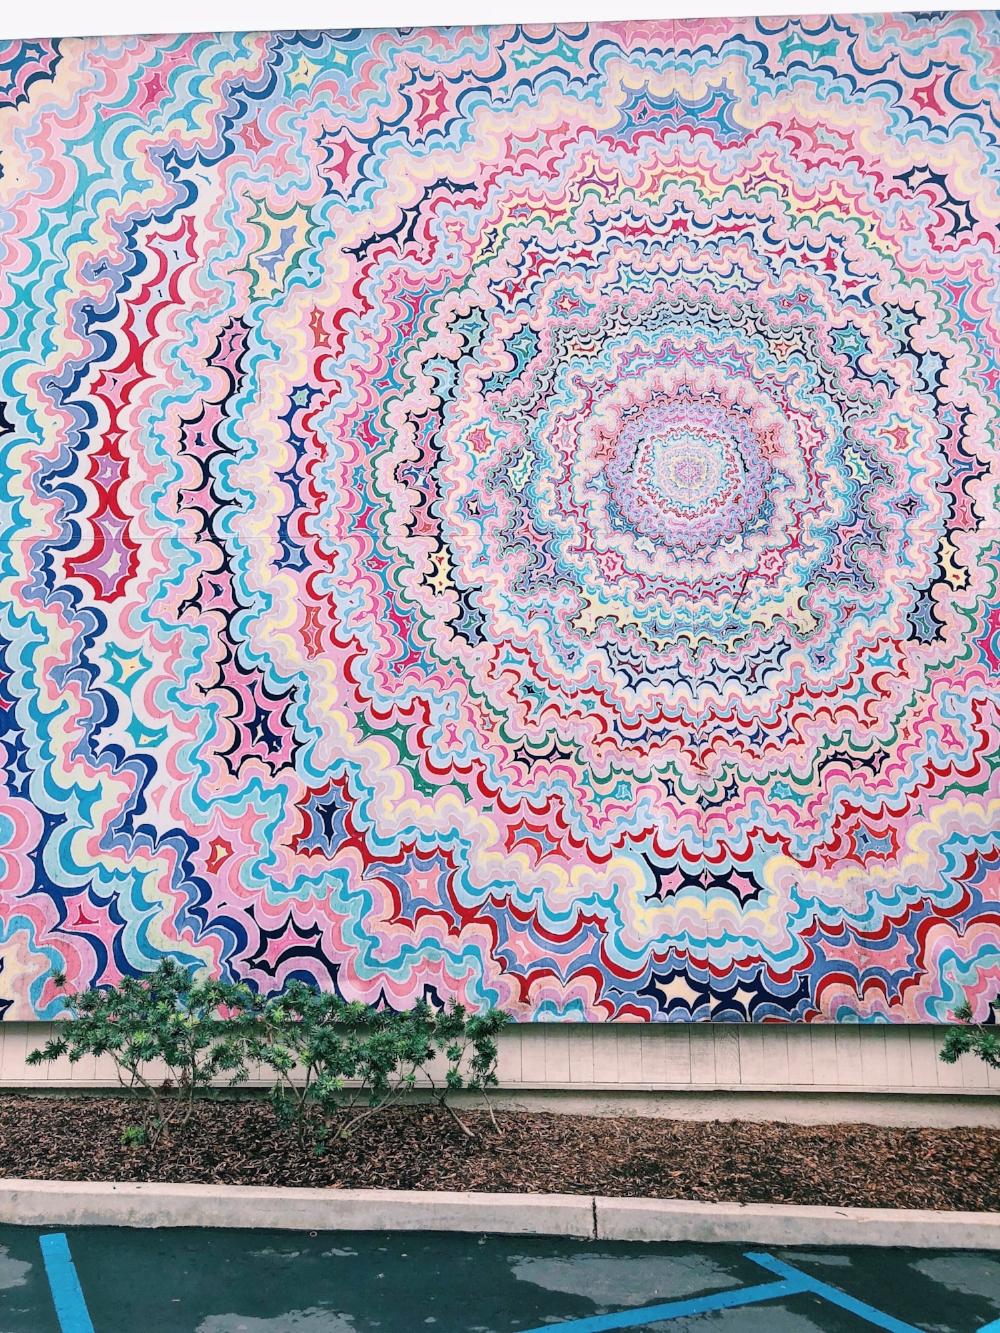 la jolla mural